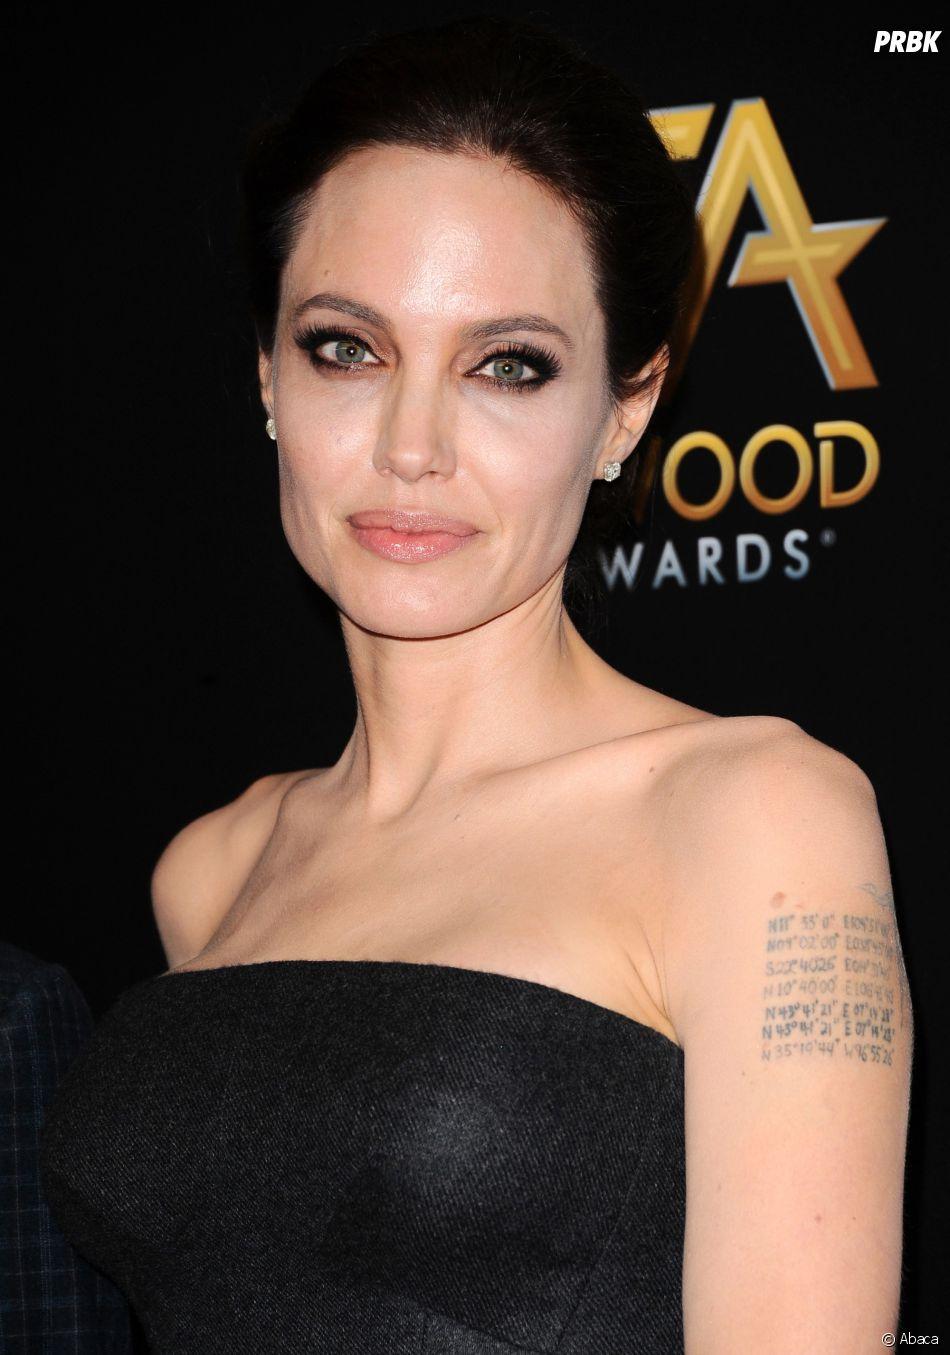 Angelina Jolie voudrait se faire enlever ses tatouages liés à Brad Pitt, dont celui tatoué sur son bras.